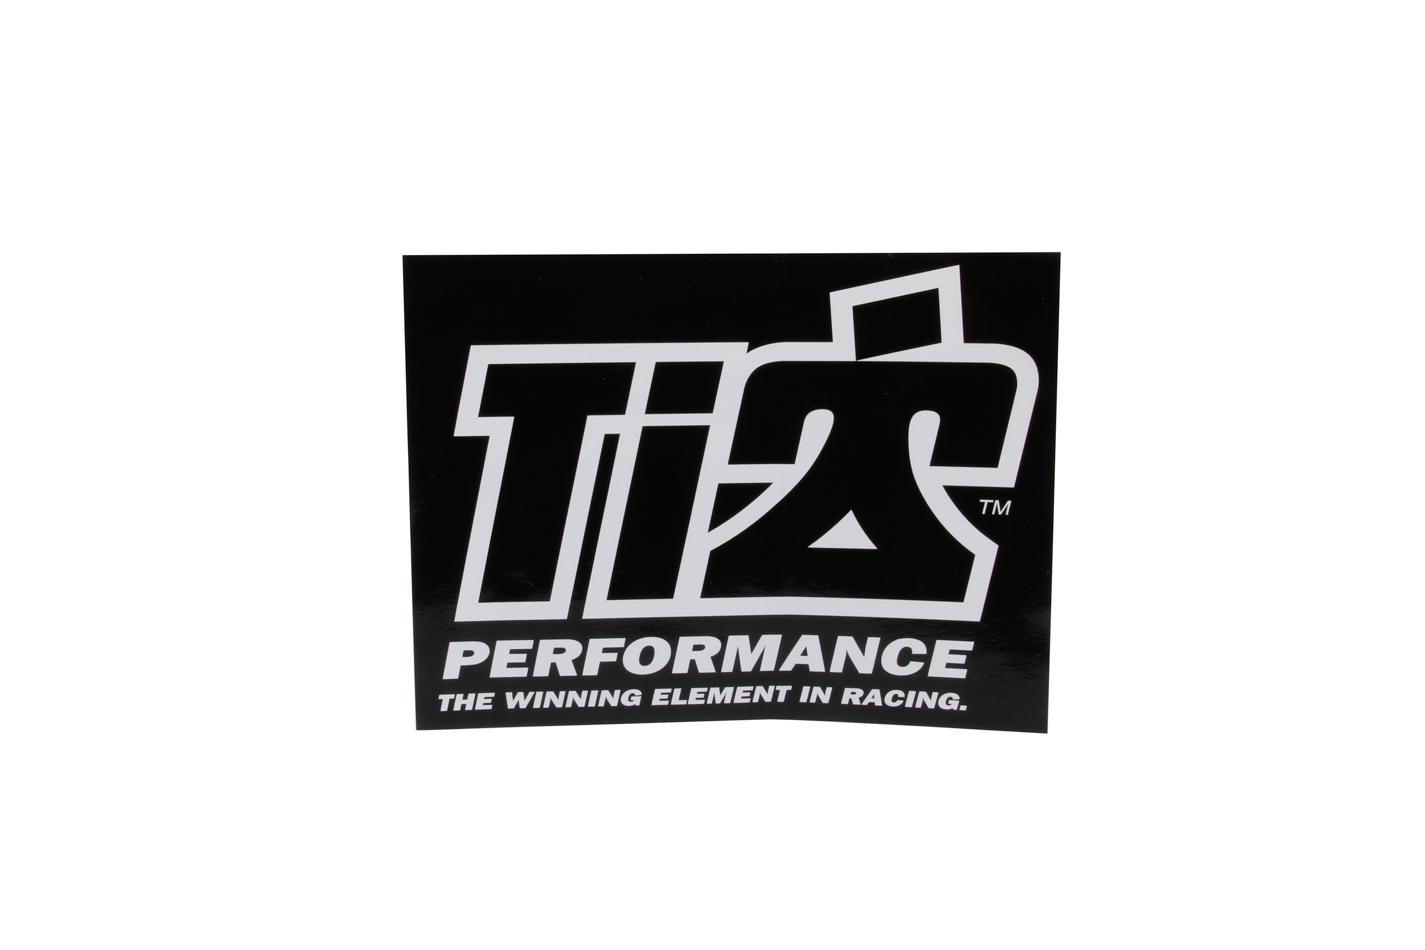 Ti22 Performance Ti22 Decal 6x8 Black